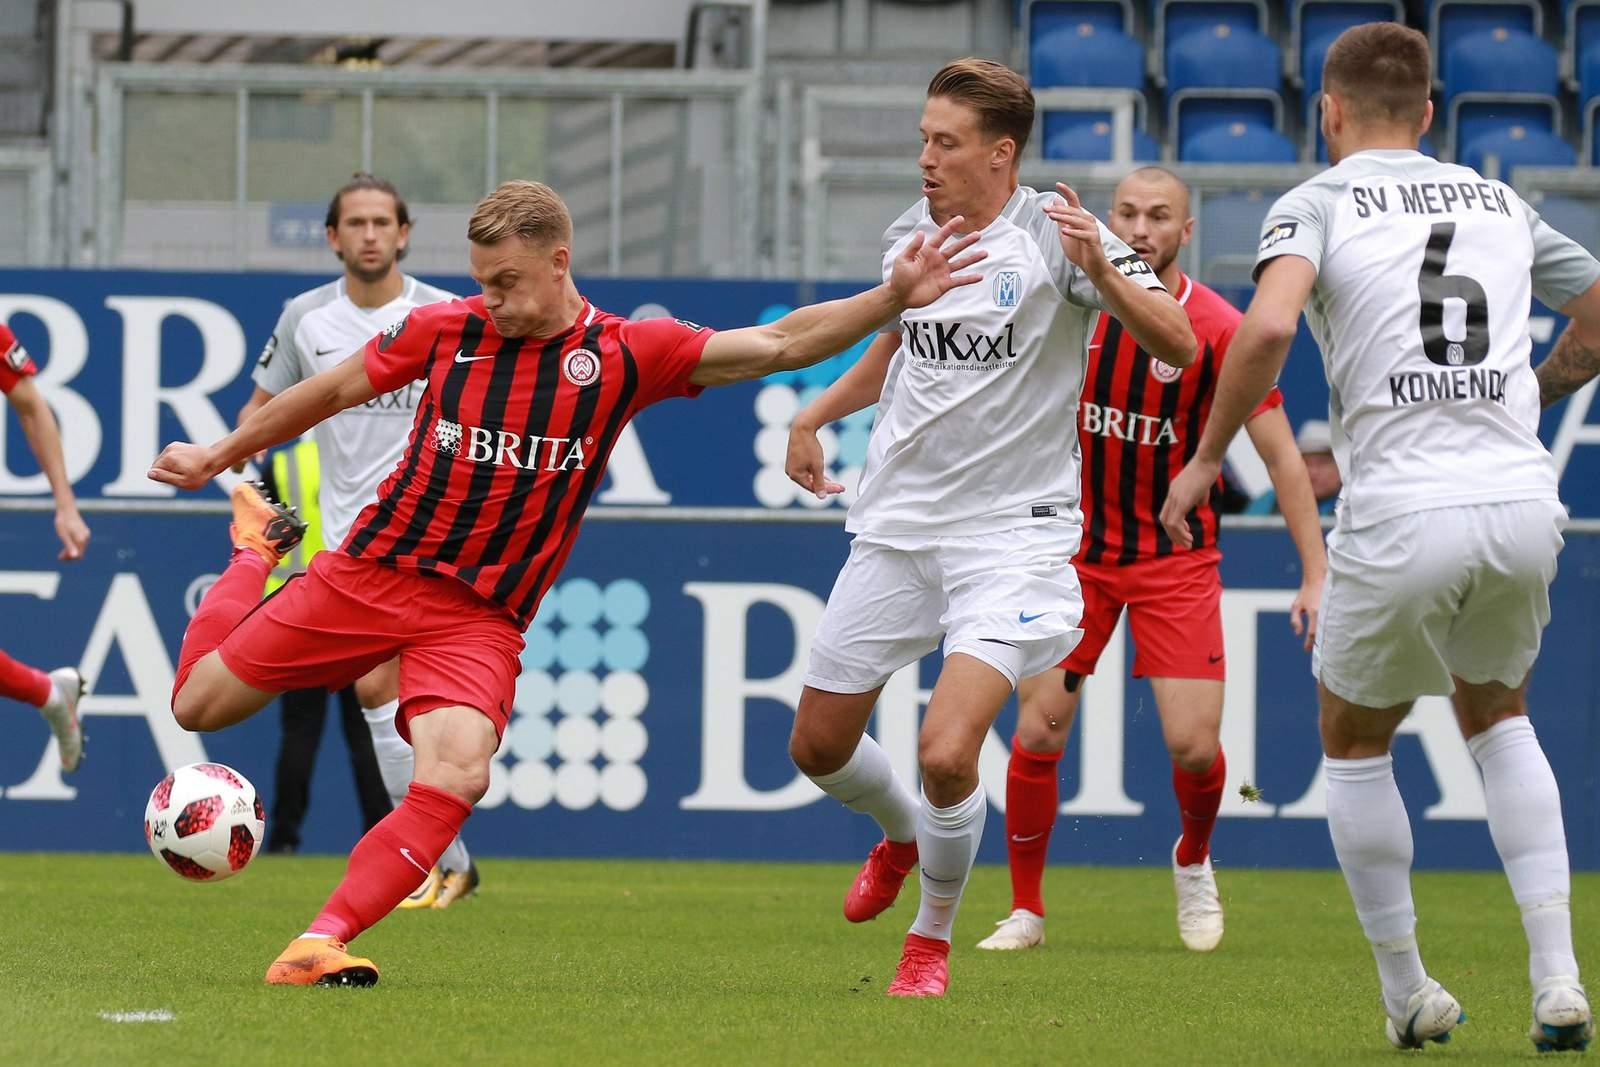 Rene Guder vom SV Wehen Wiesbaden beim Spiel gegen Meppen